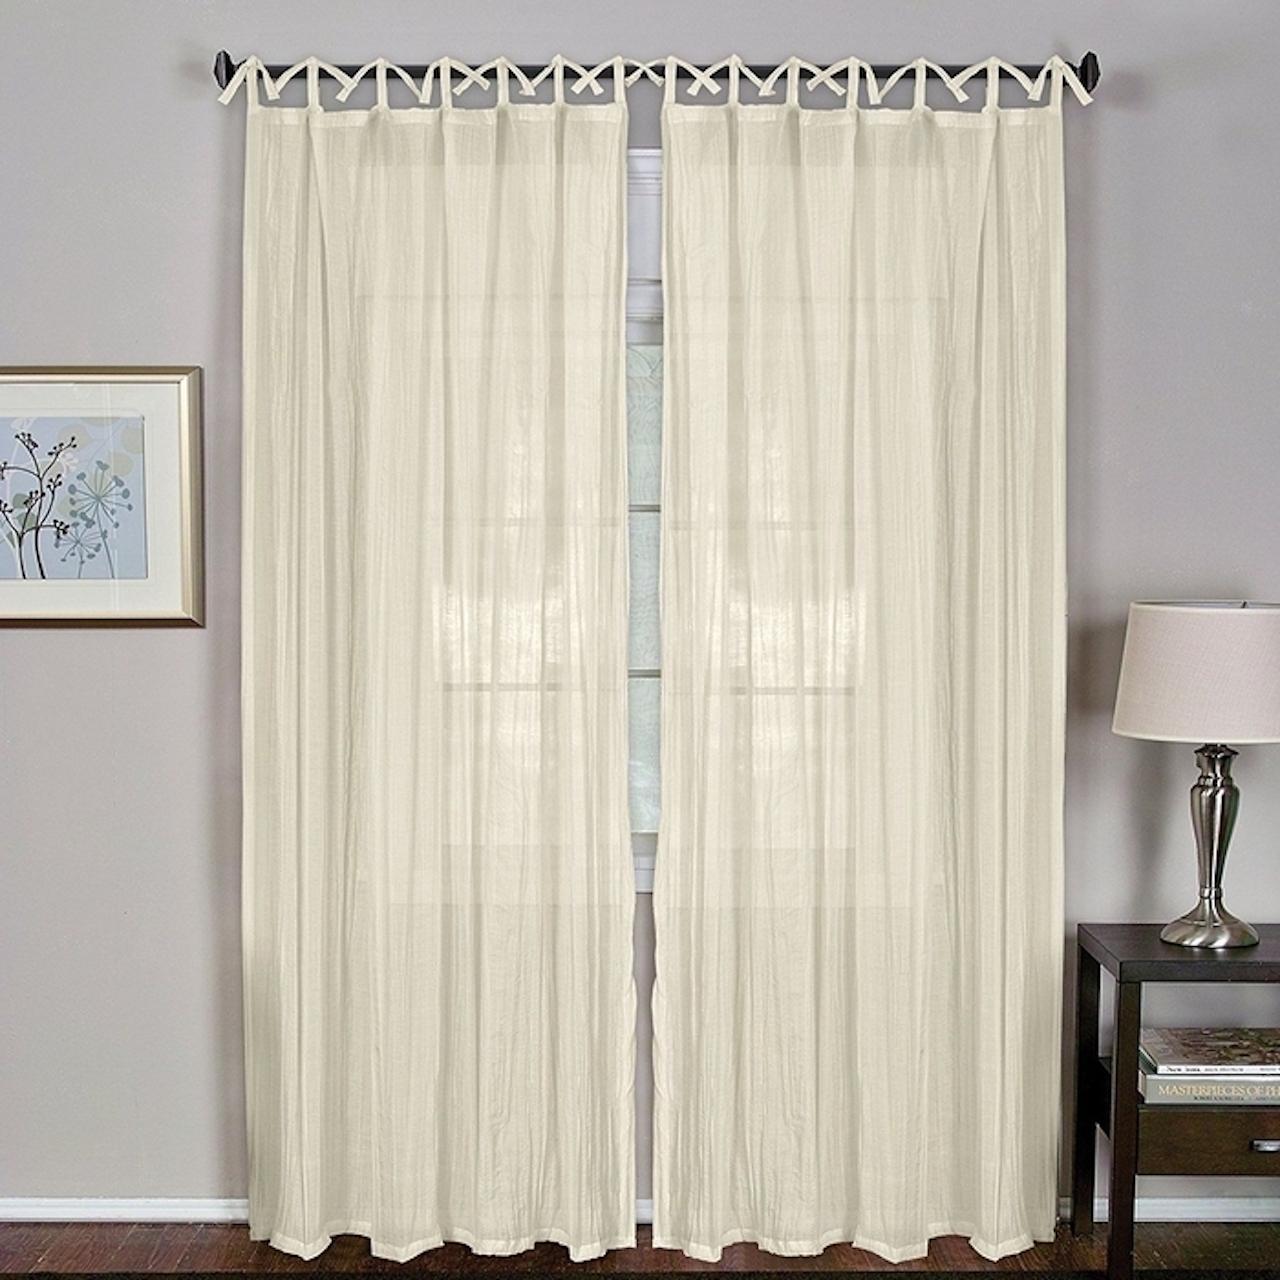 """Elrene Home Fashions Jolie 108"""" L, 1 Tie Top Loop Curtain Panel – Ivory For Elrene Jolie Tie Top Curtain Panels (View 9 of 20)"""